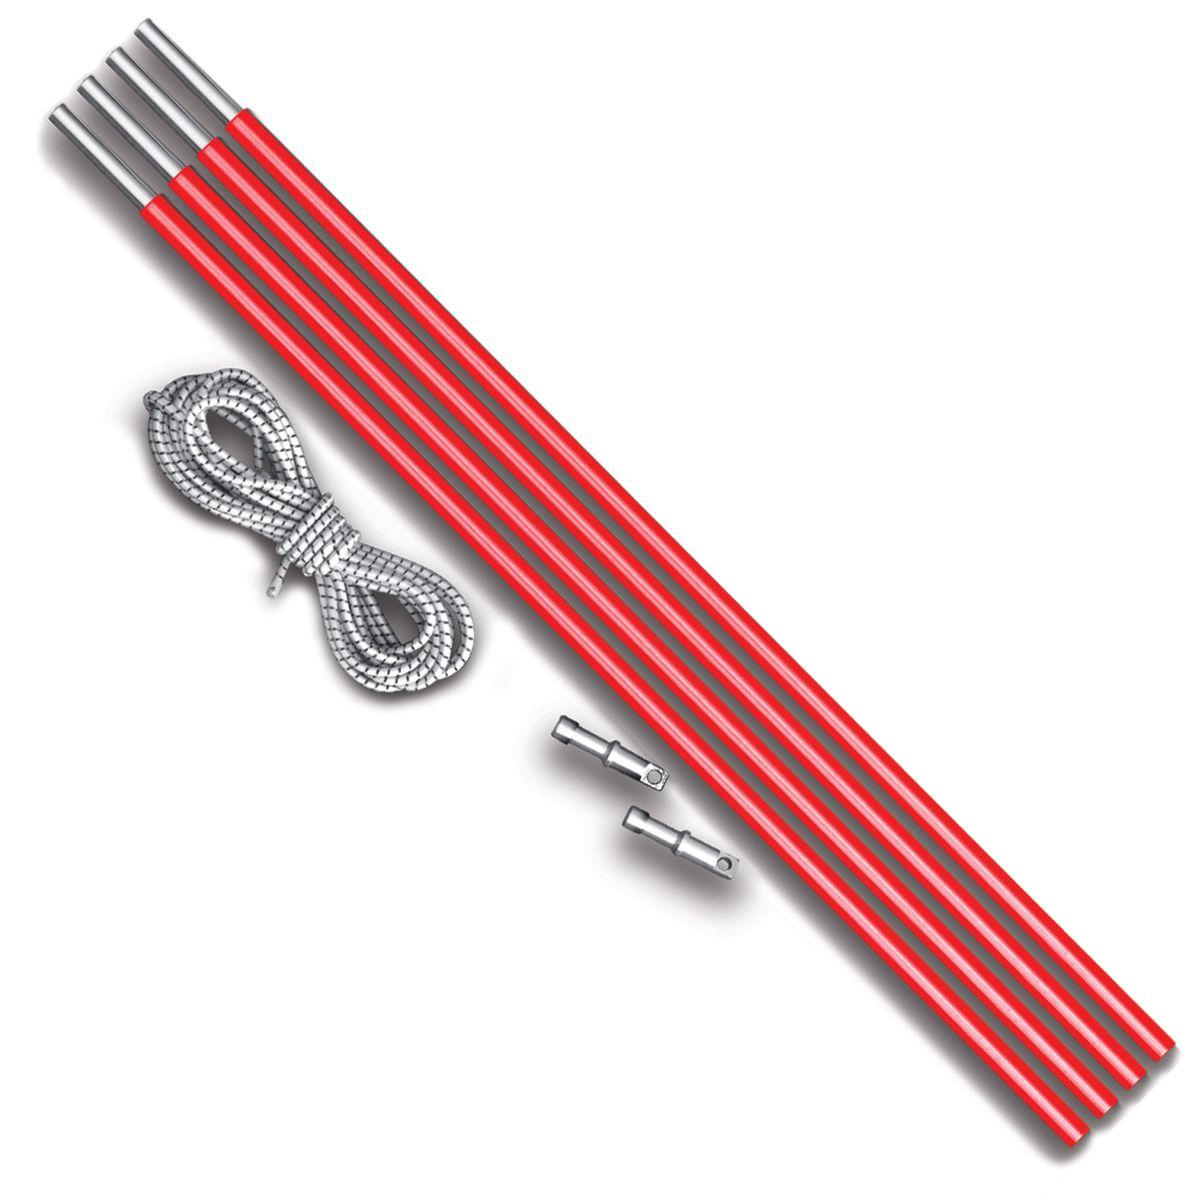 Комплект дуг алюминий Nova Tour v2, цвет: красный металлик, диаметр 8,5 мм95643-013-00Ремонтный набор Nova Tour v2 предназначен для дуговых палаток. Подойдет для моделей: Эксплорер, Смарт, Терра и Спейс. В комплекте 4 секции по 50 см, 2 наконечника и 2 метра внутренней резинки. Яркие, не теряются в траве!